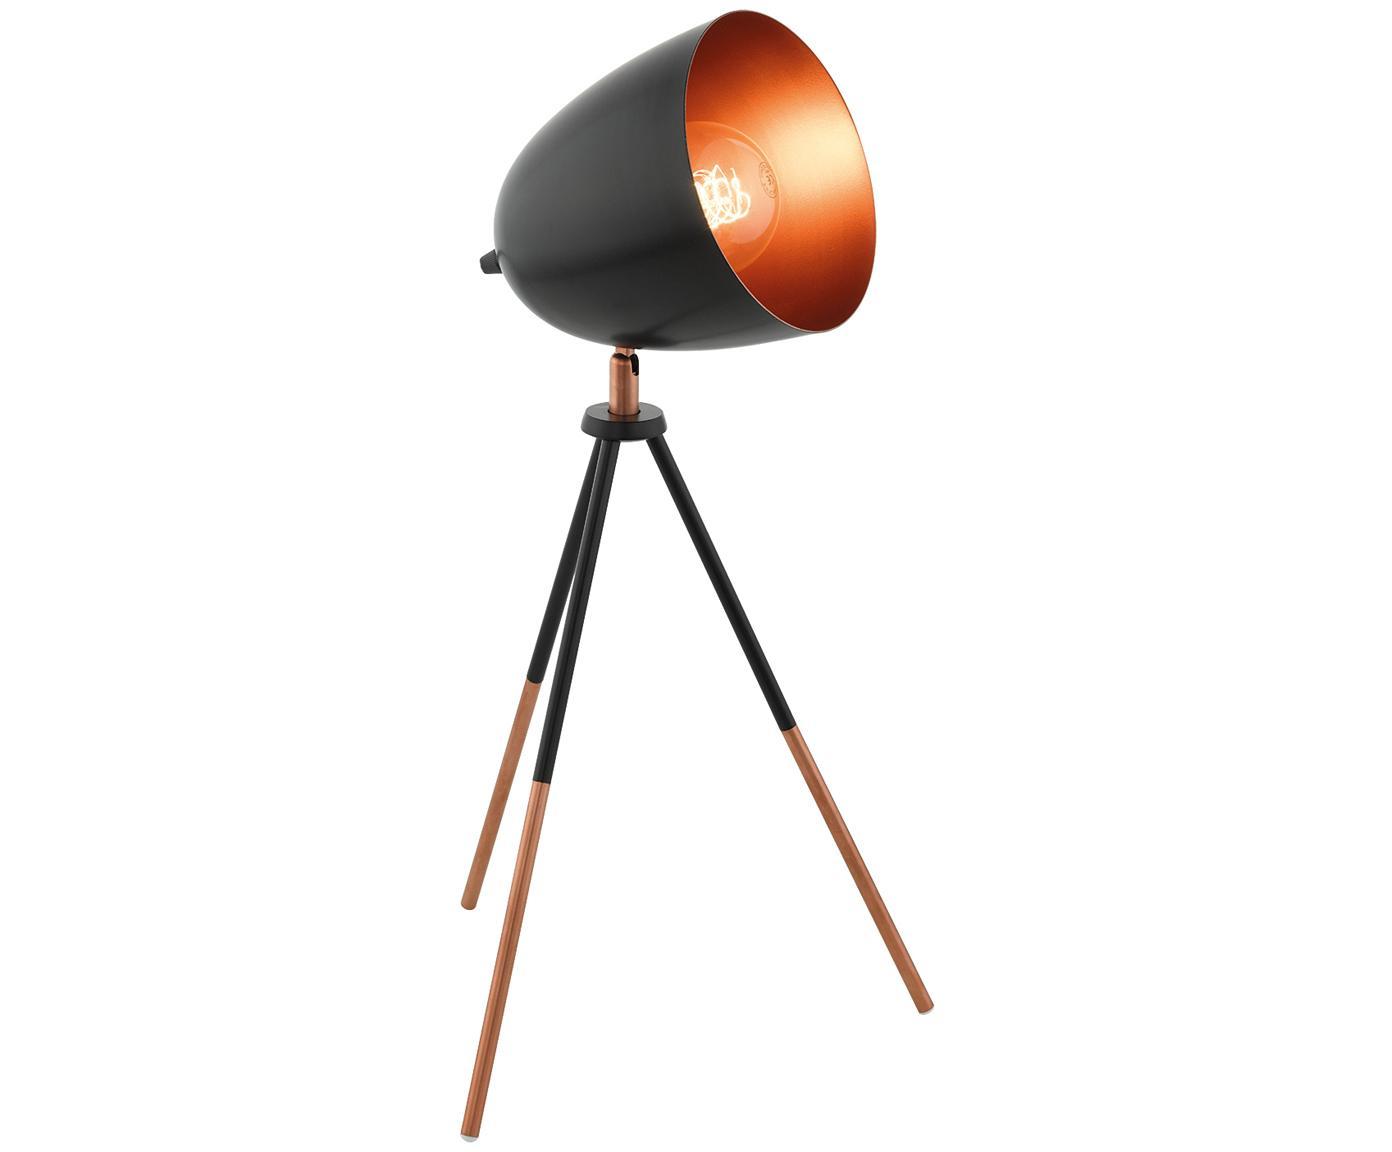 Schreibtischlampe Luna im Industrial-Style, Stahl, pulverbeschichtet, verkupfert, Lampenfuß: Schwarz, Kupfer<br>Lampenschirm außen: Schwarz, 29 x 44 cm